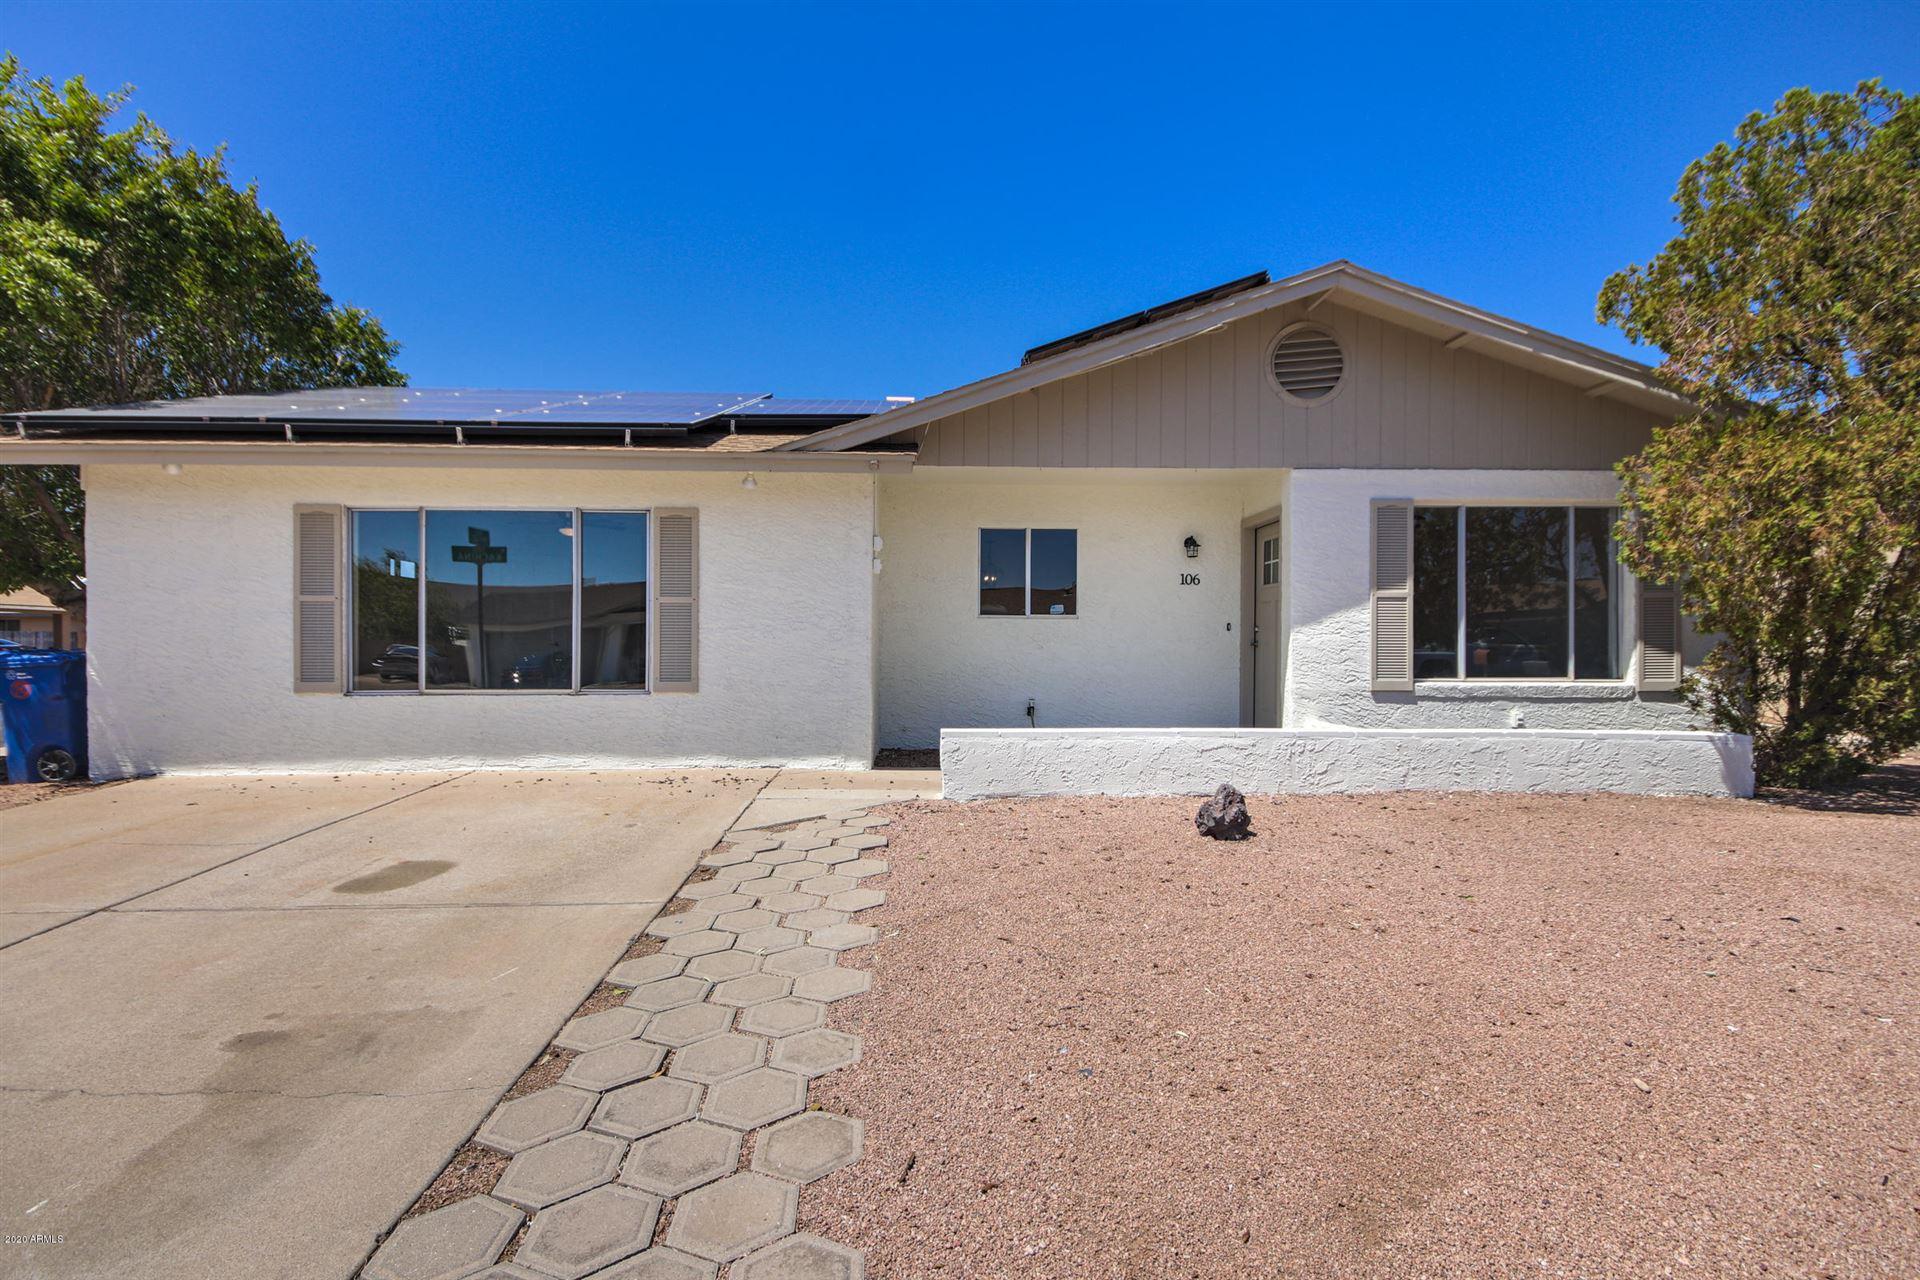 106 N KACHINA --, Mesa, AZ 85203 - MLS#: 6126950